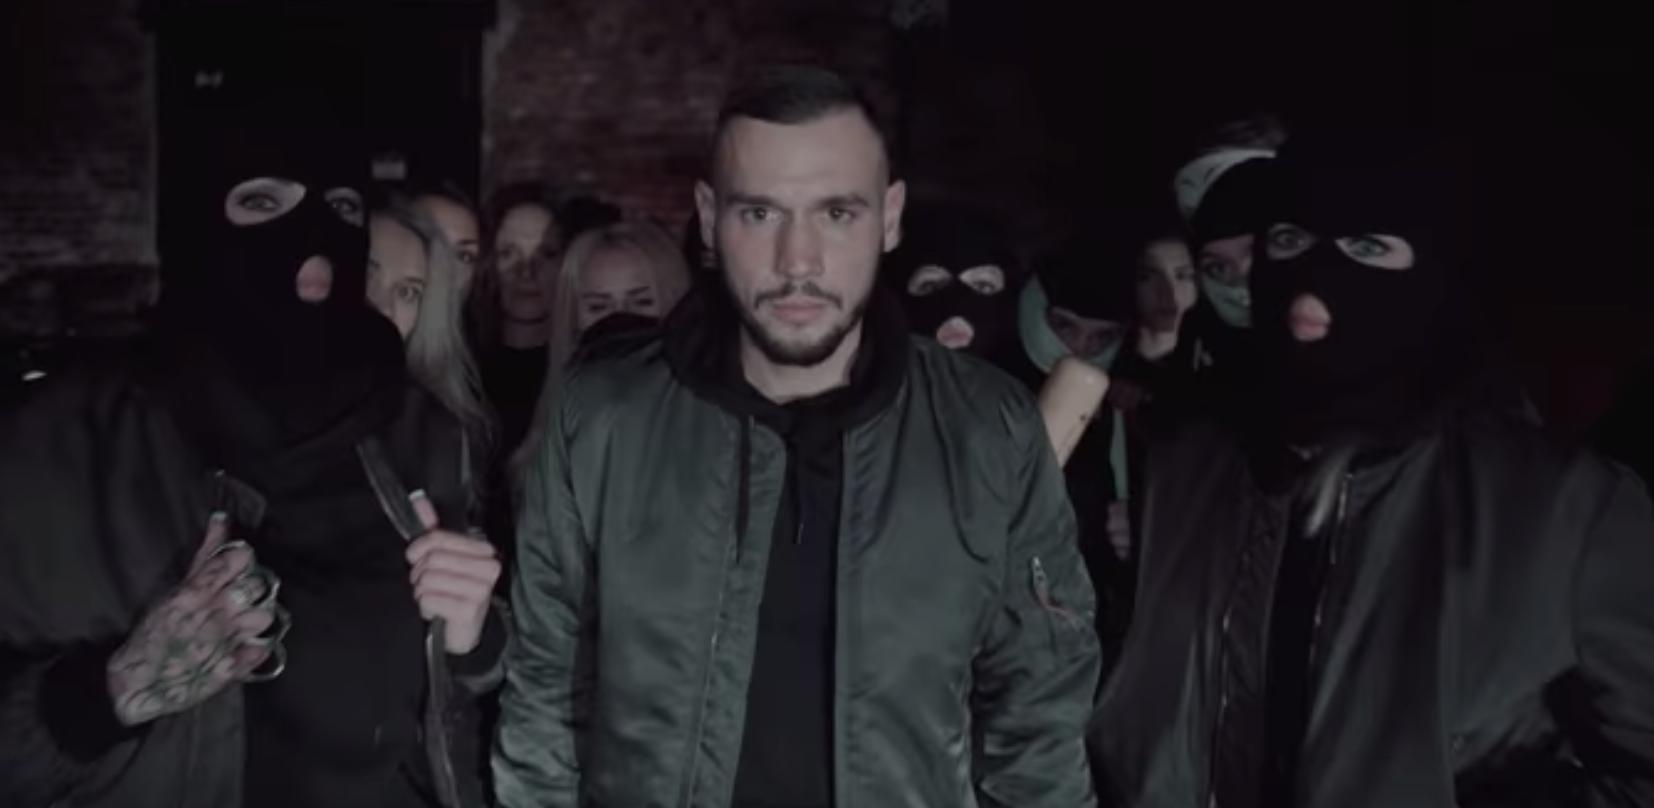 Bosca - Raus auf die Gasse (Video) | 16BARS